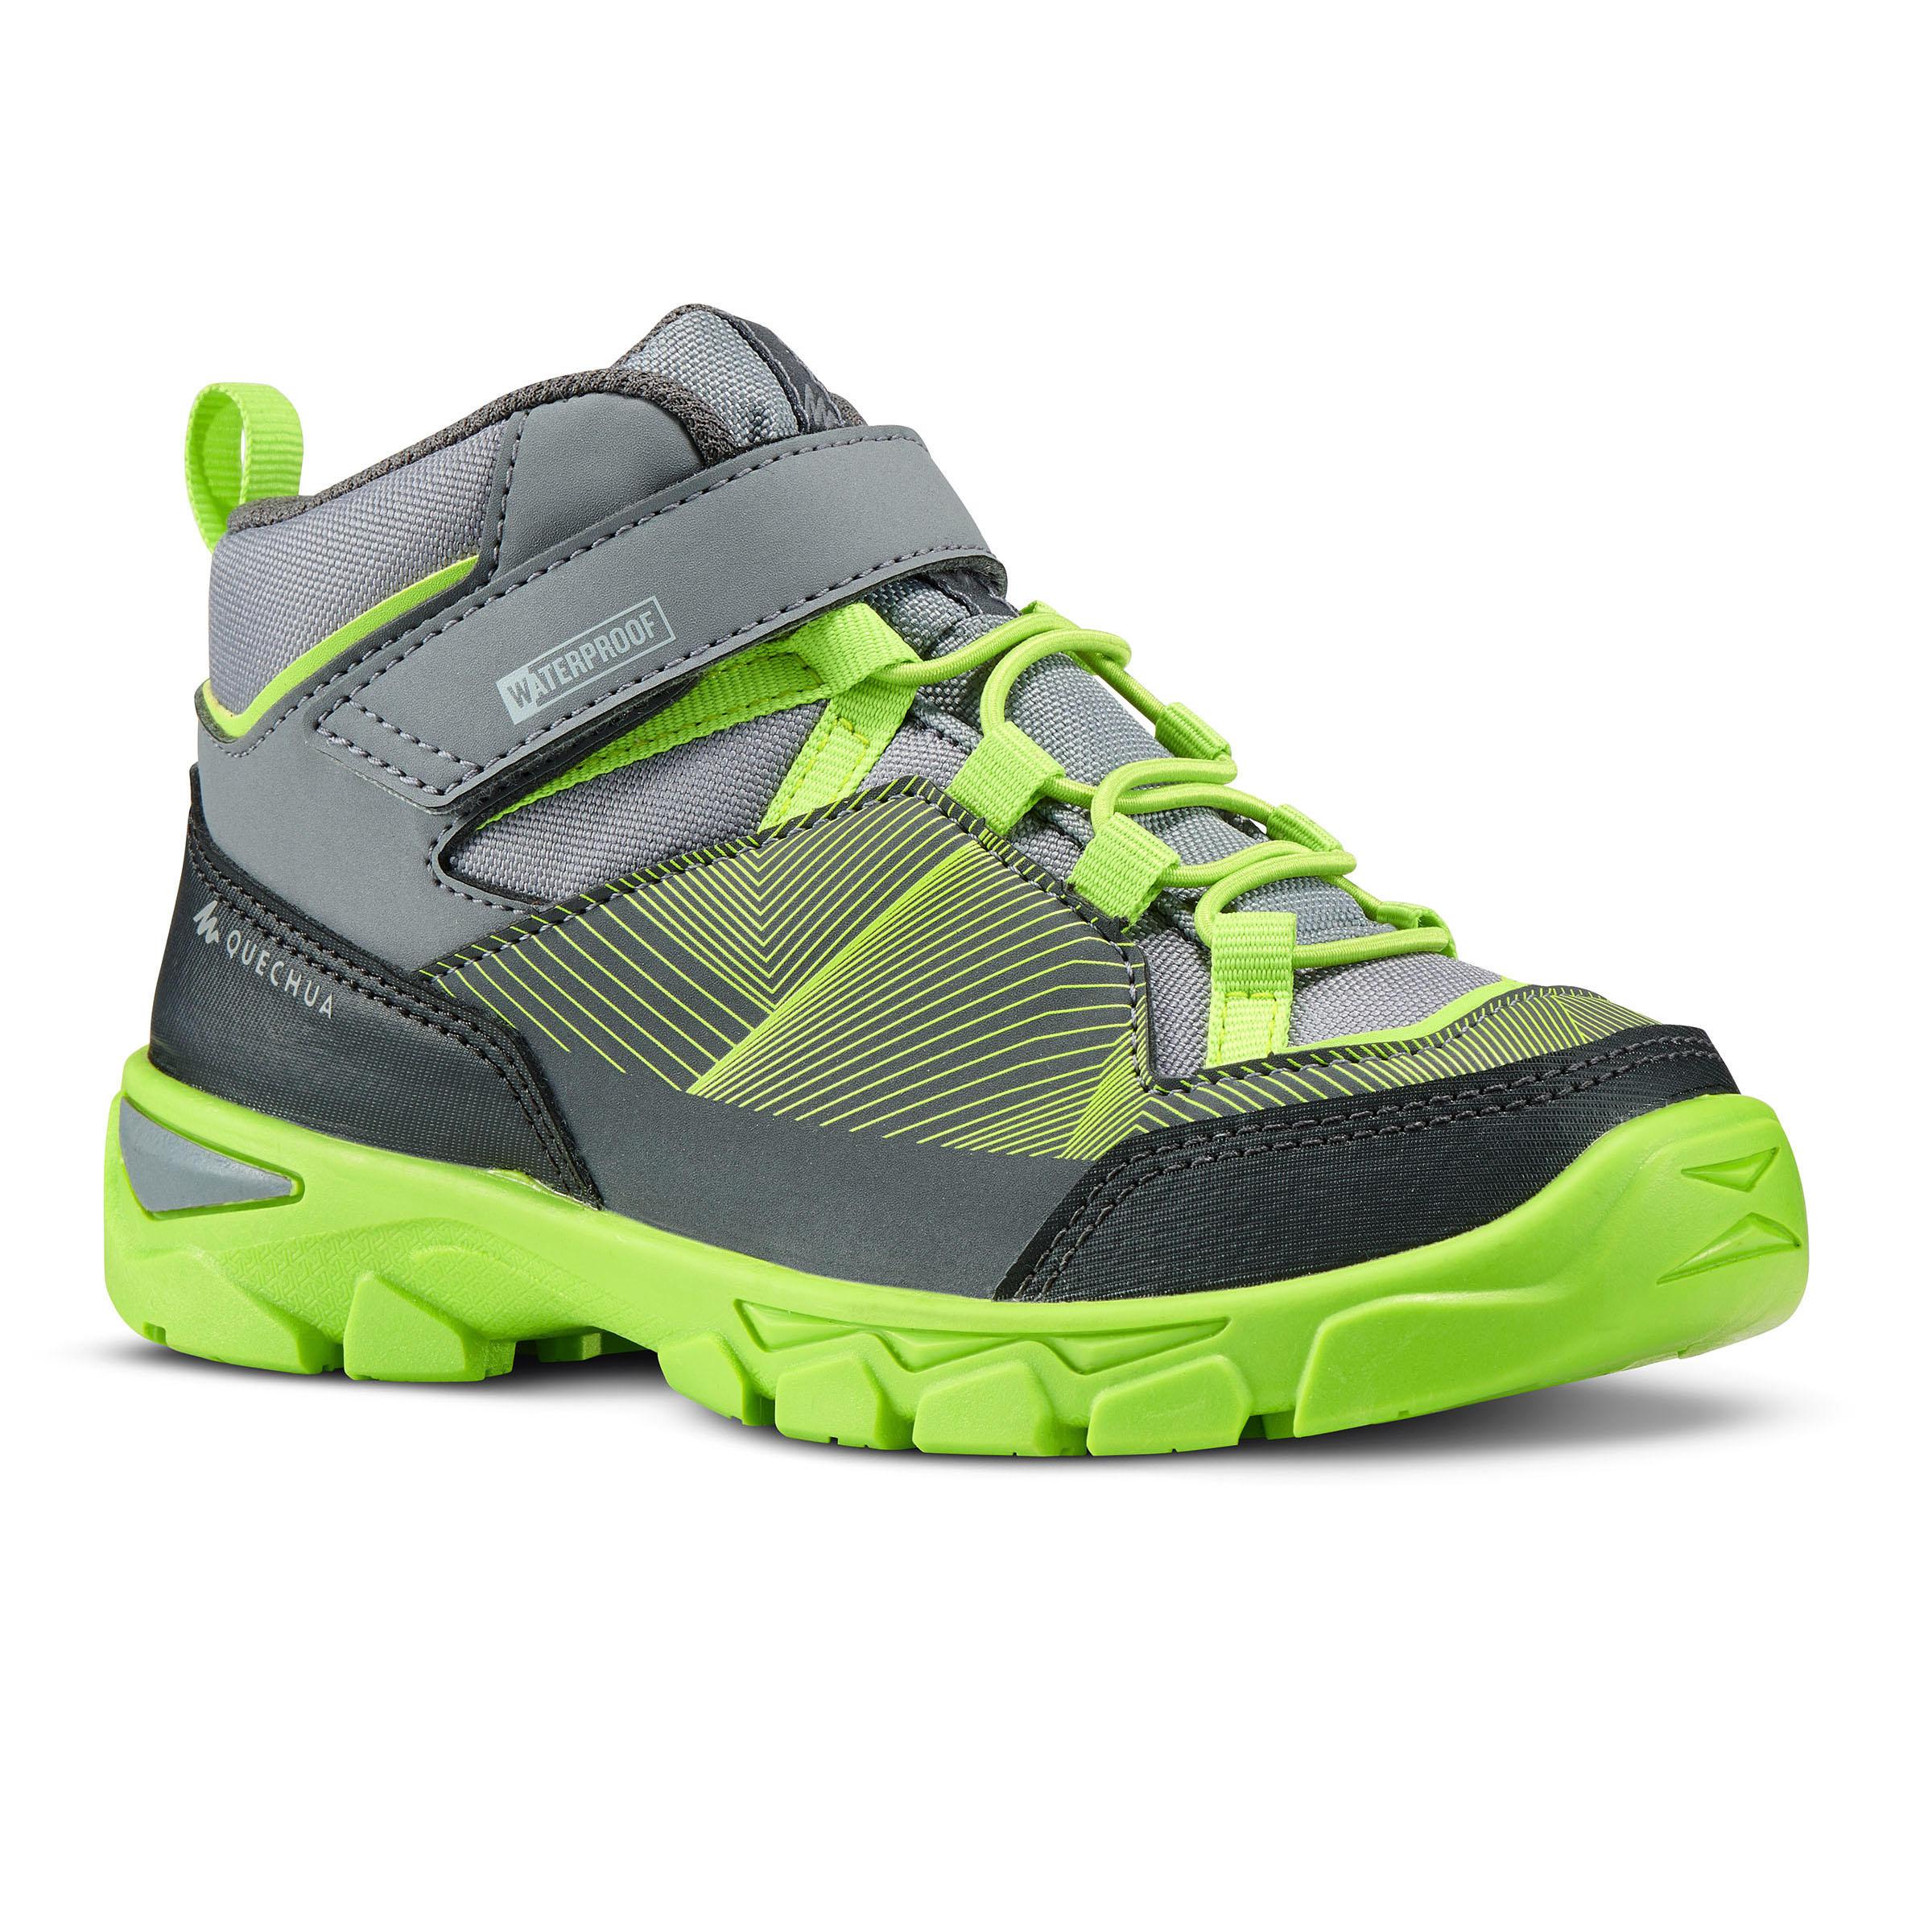 Quechua Hoge wandelschoenen met klittenband voor kinderen MH120 mid grijs 28 tot 34 kopen